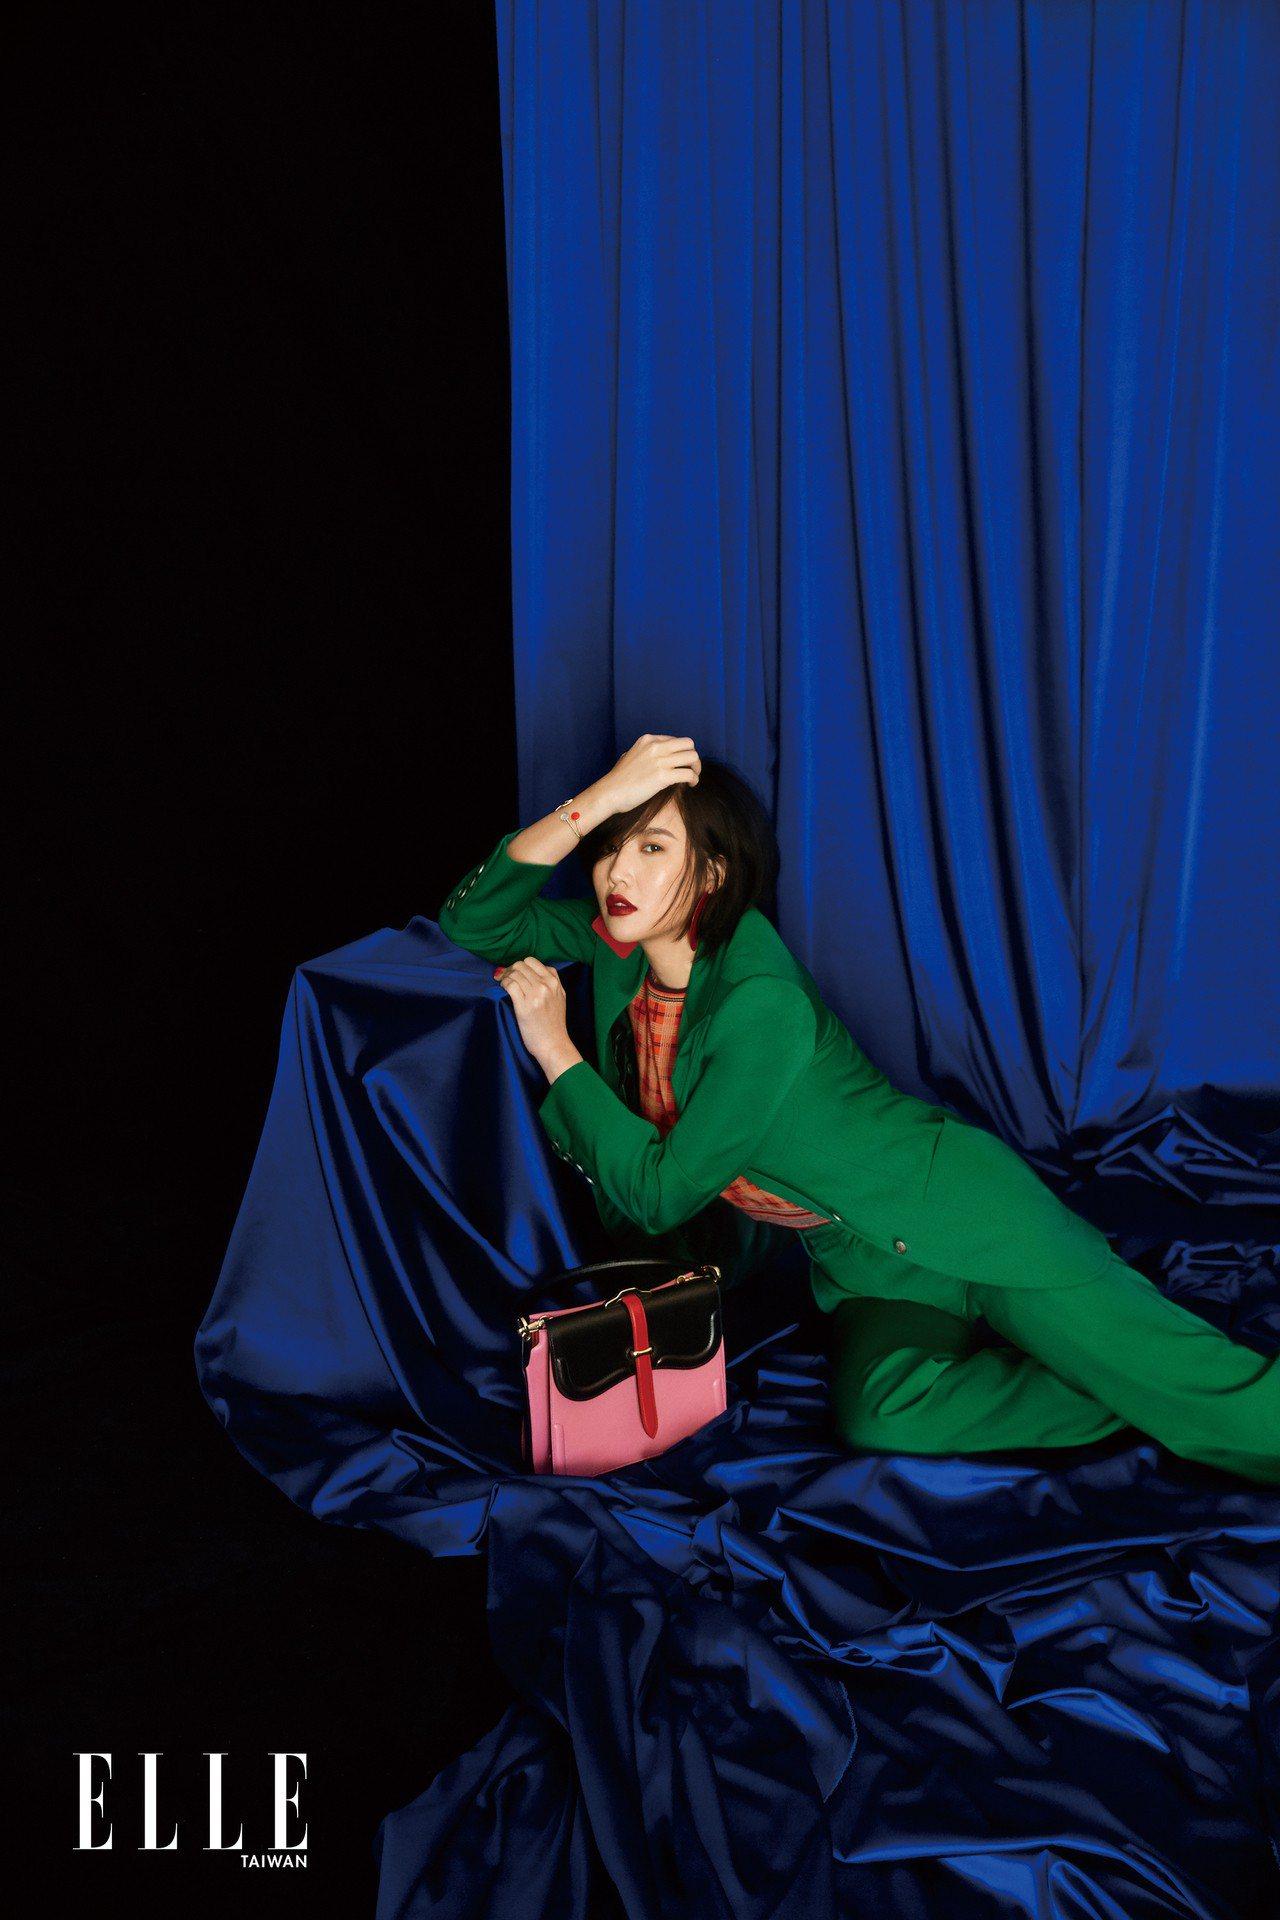 綠色西裝外套、格紋針織背心、綠色西裝長褲(ALL BY GUCCI);紅色幾何耳...